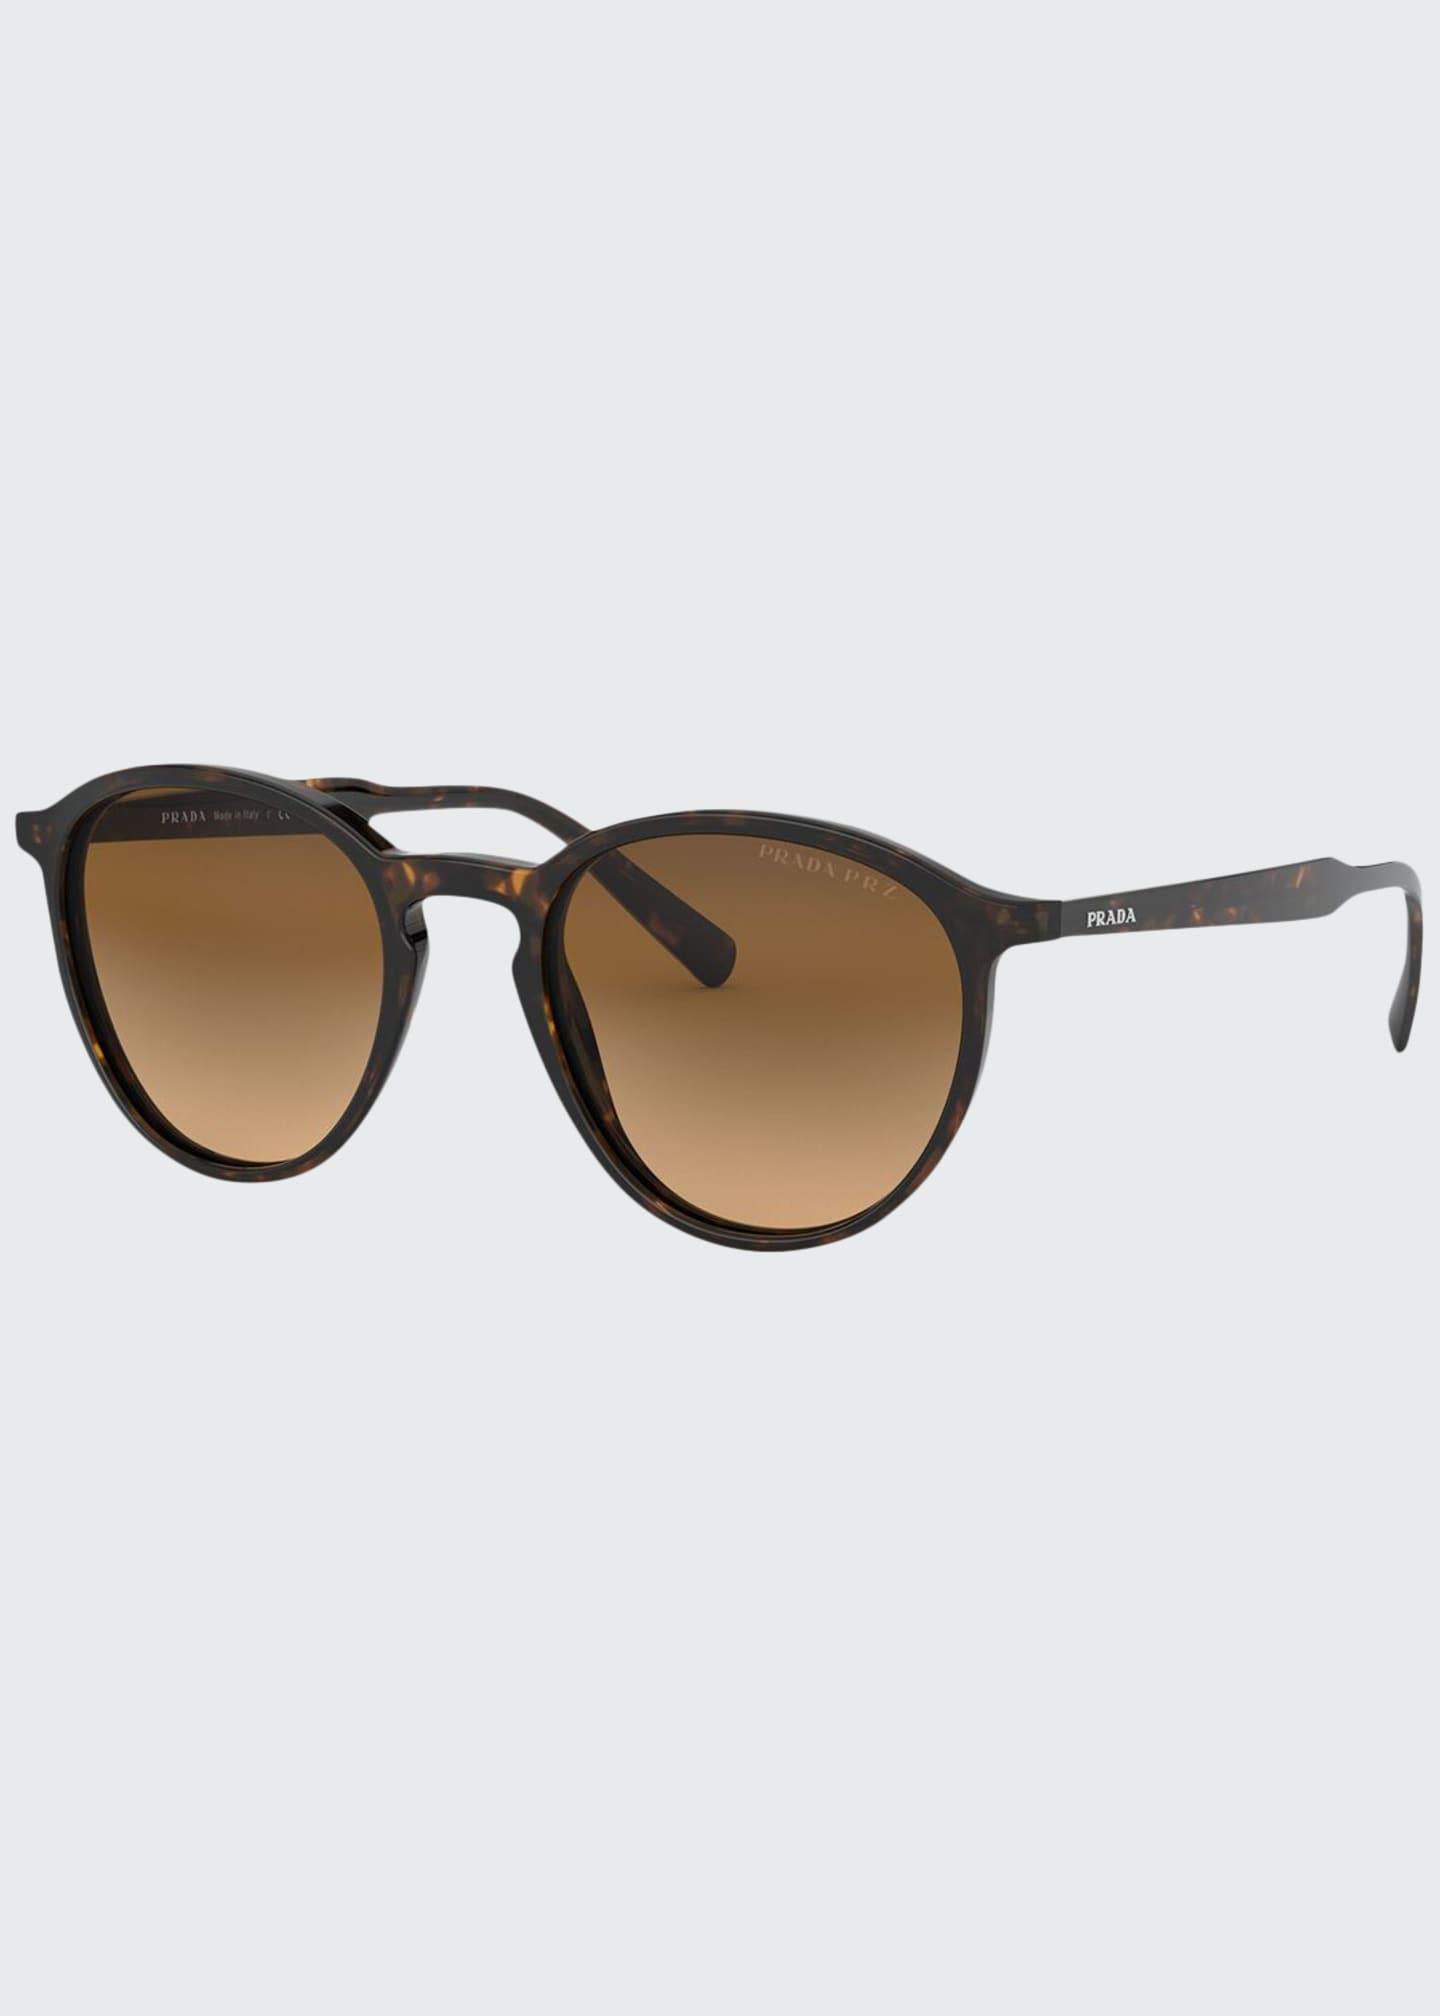 Prada Round Gradient Acetate Sunglasses